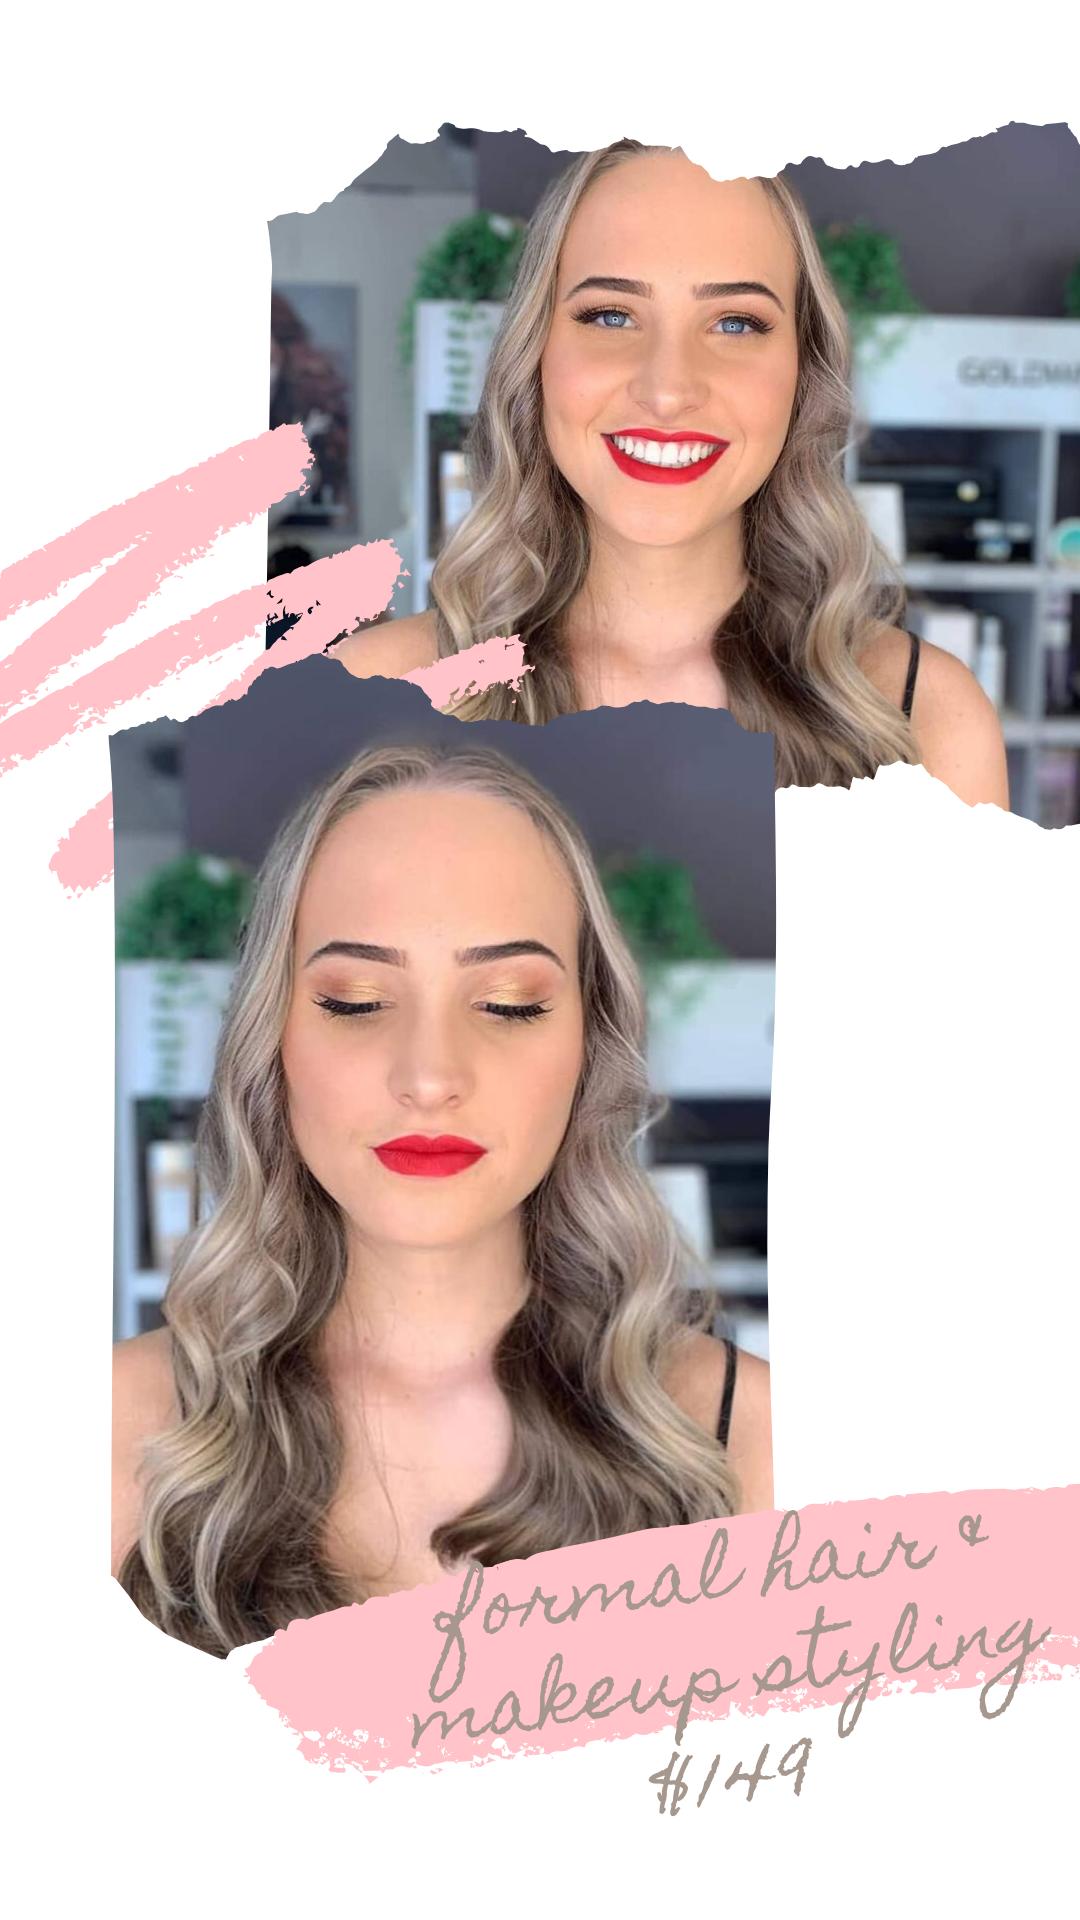 Cohair & makeup styling